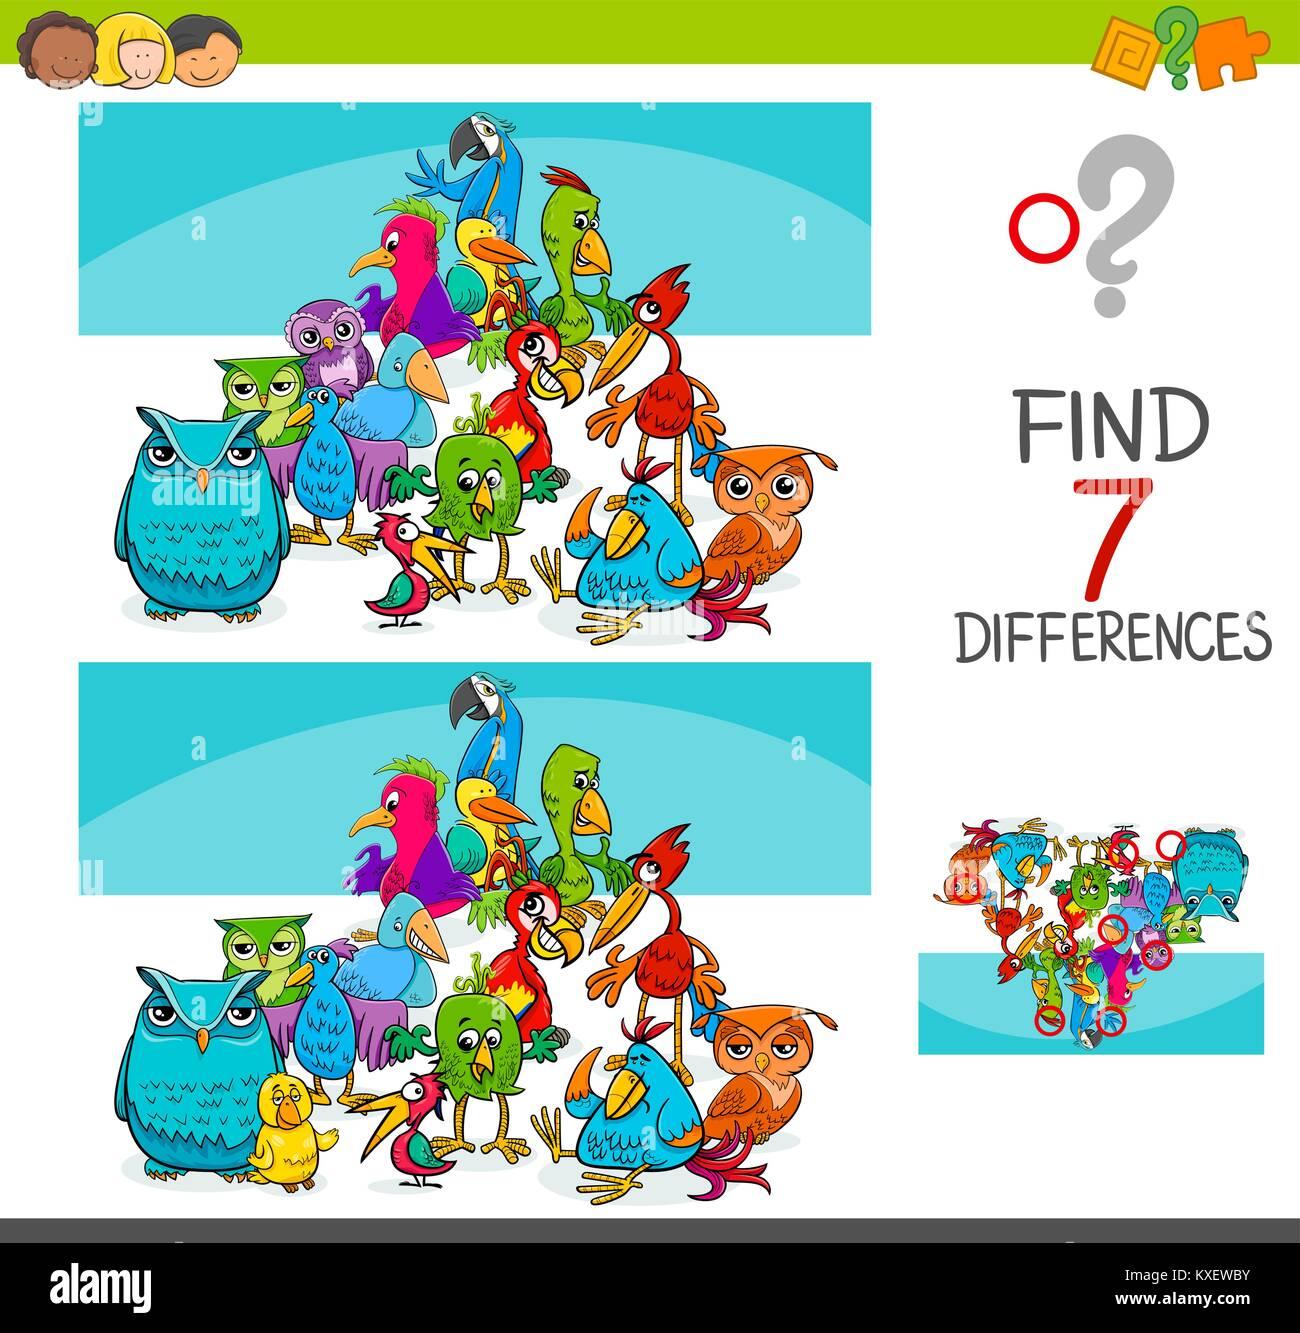 Ilustracion De Dibujos Animados De Encontrar Siete Diferencias Entre